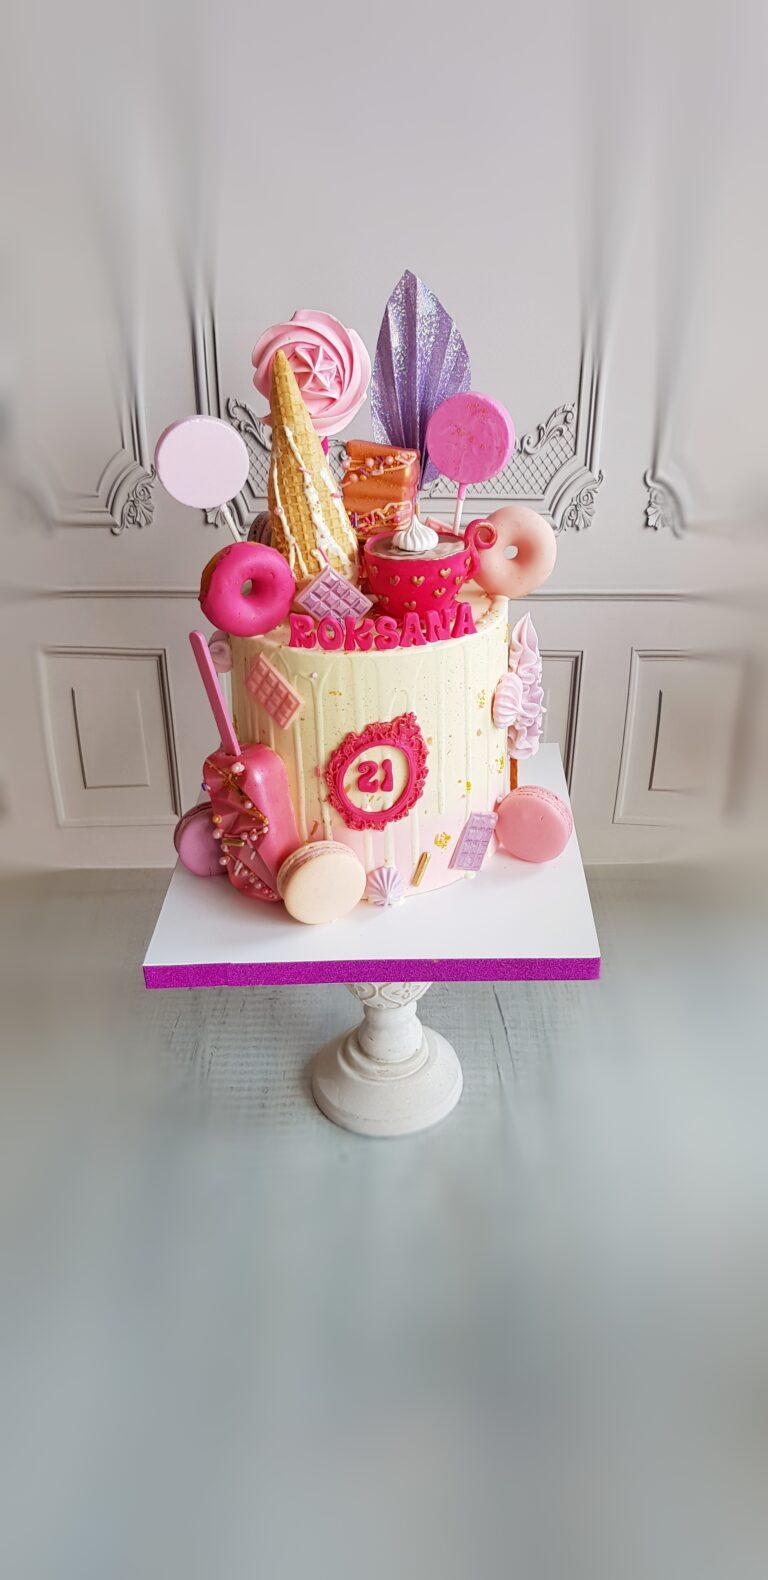 Tort ze słodyczami